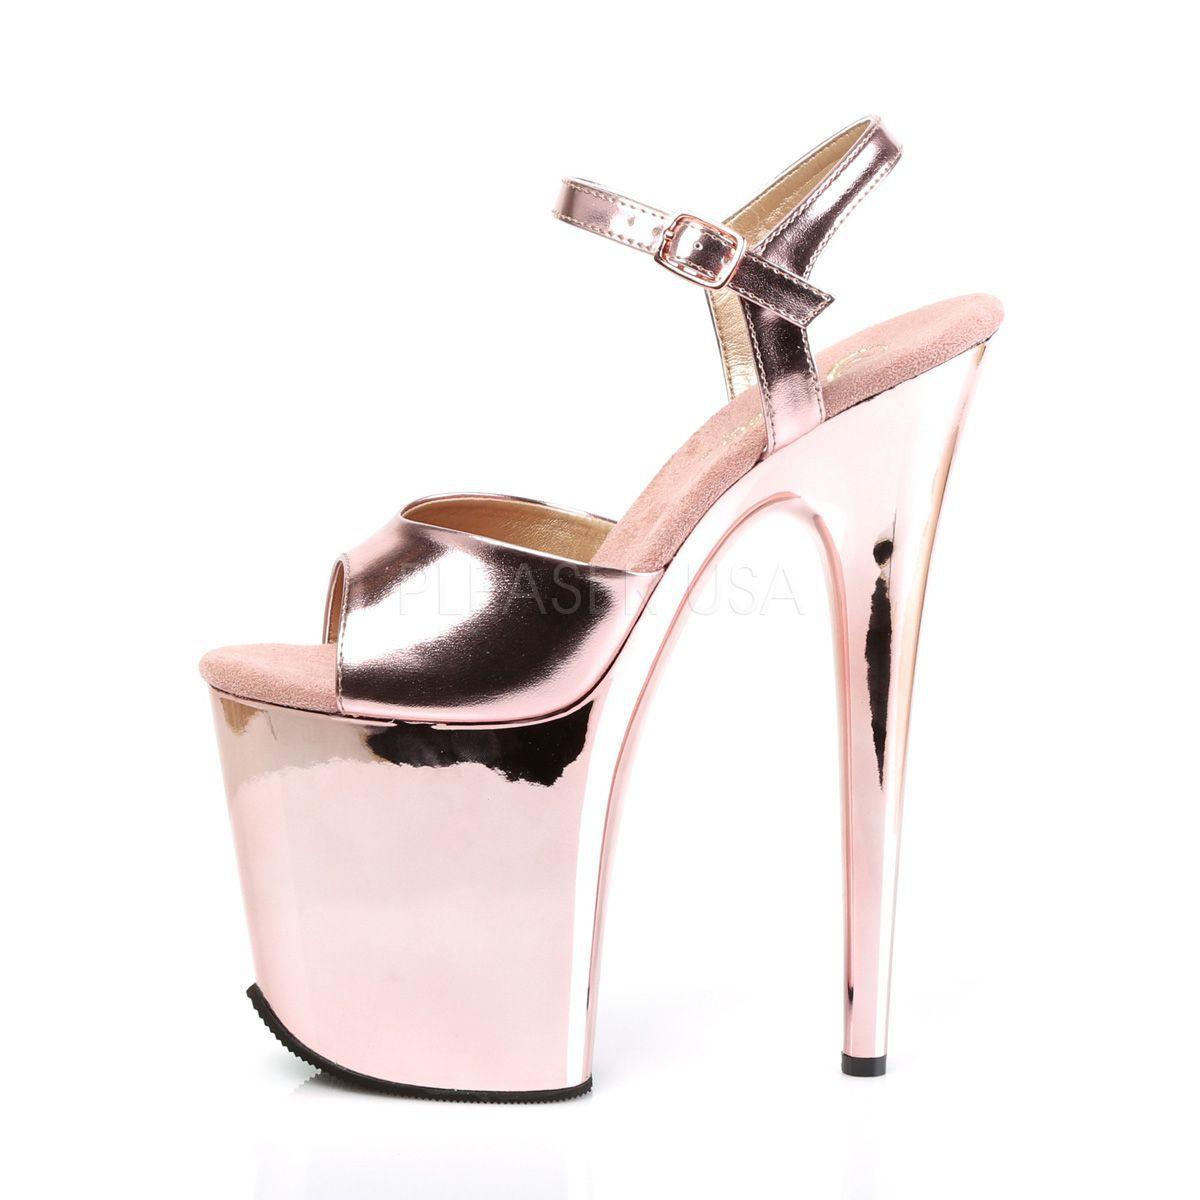 Sandalias FLAMINGO para Shows extra altas de 8 pulgadas y efecto metalizado